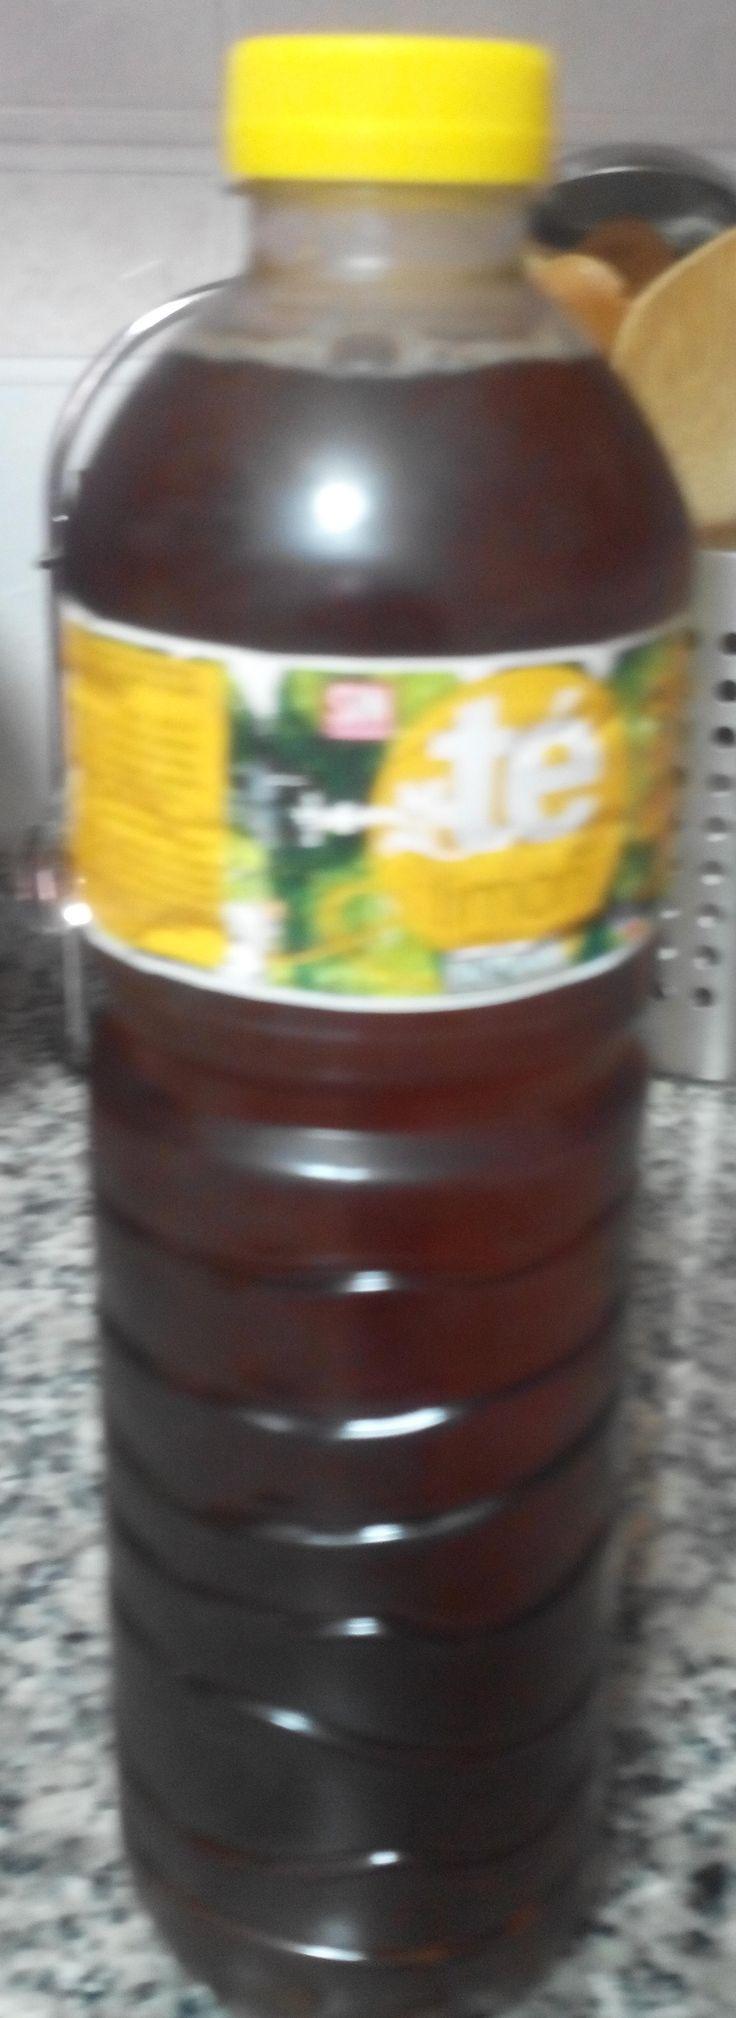 Té al limón sin azúcar Hacendado (Mercadona) 0 p